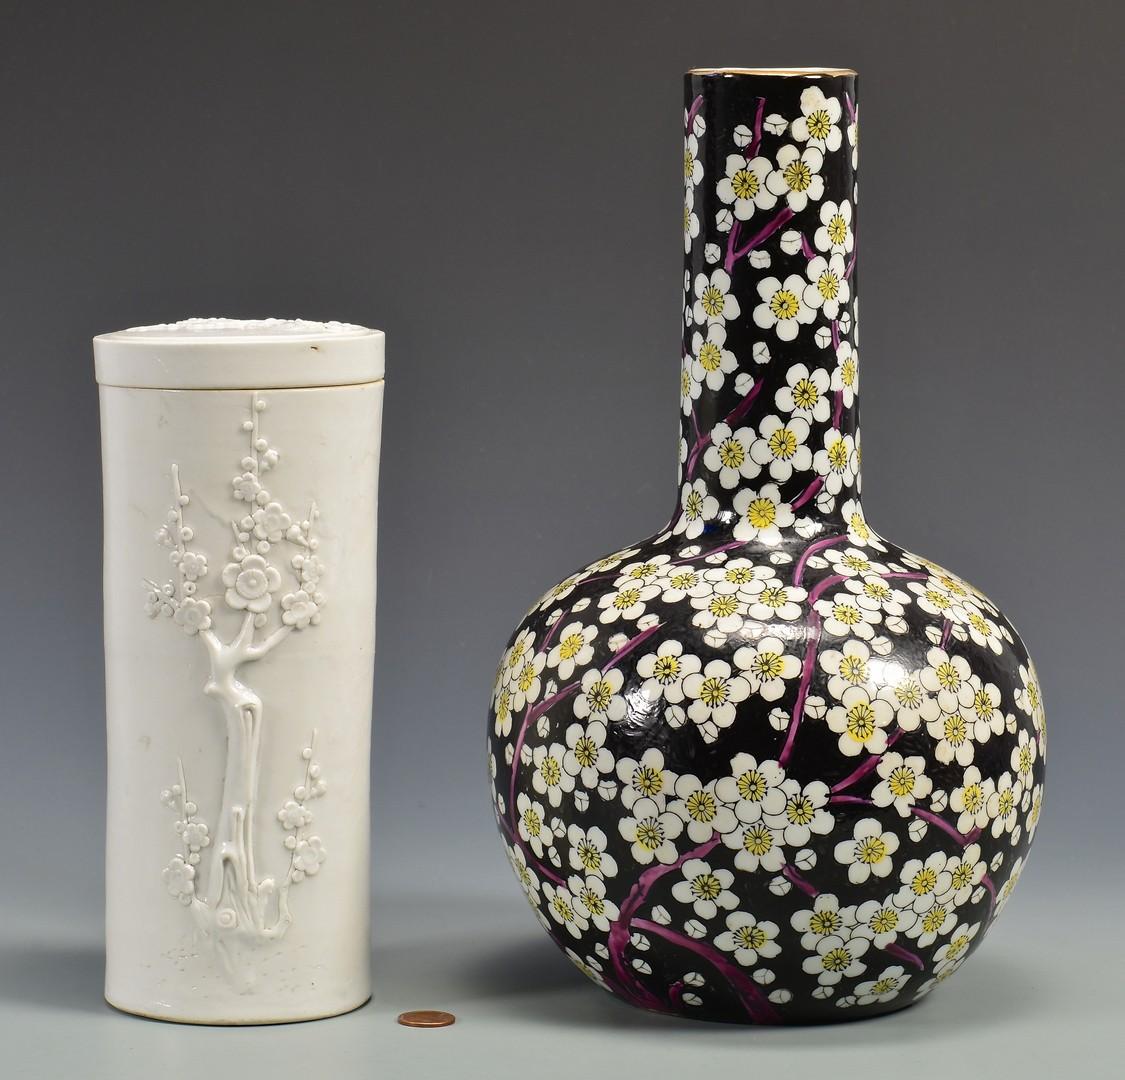 lot 413 blanc de chine jar and famille noir vase. Black Bedroom Furniture Sets. Home Design Ideas